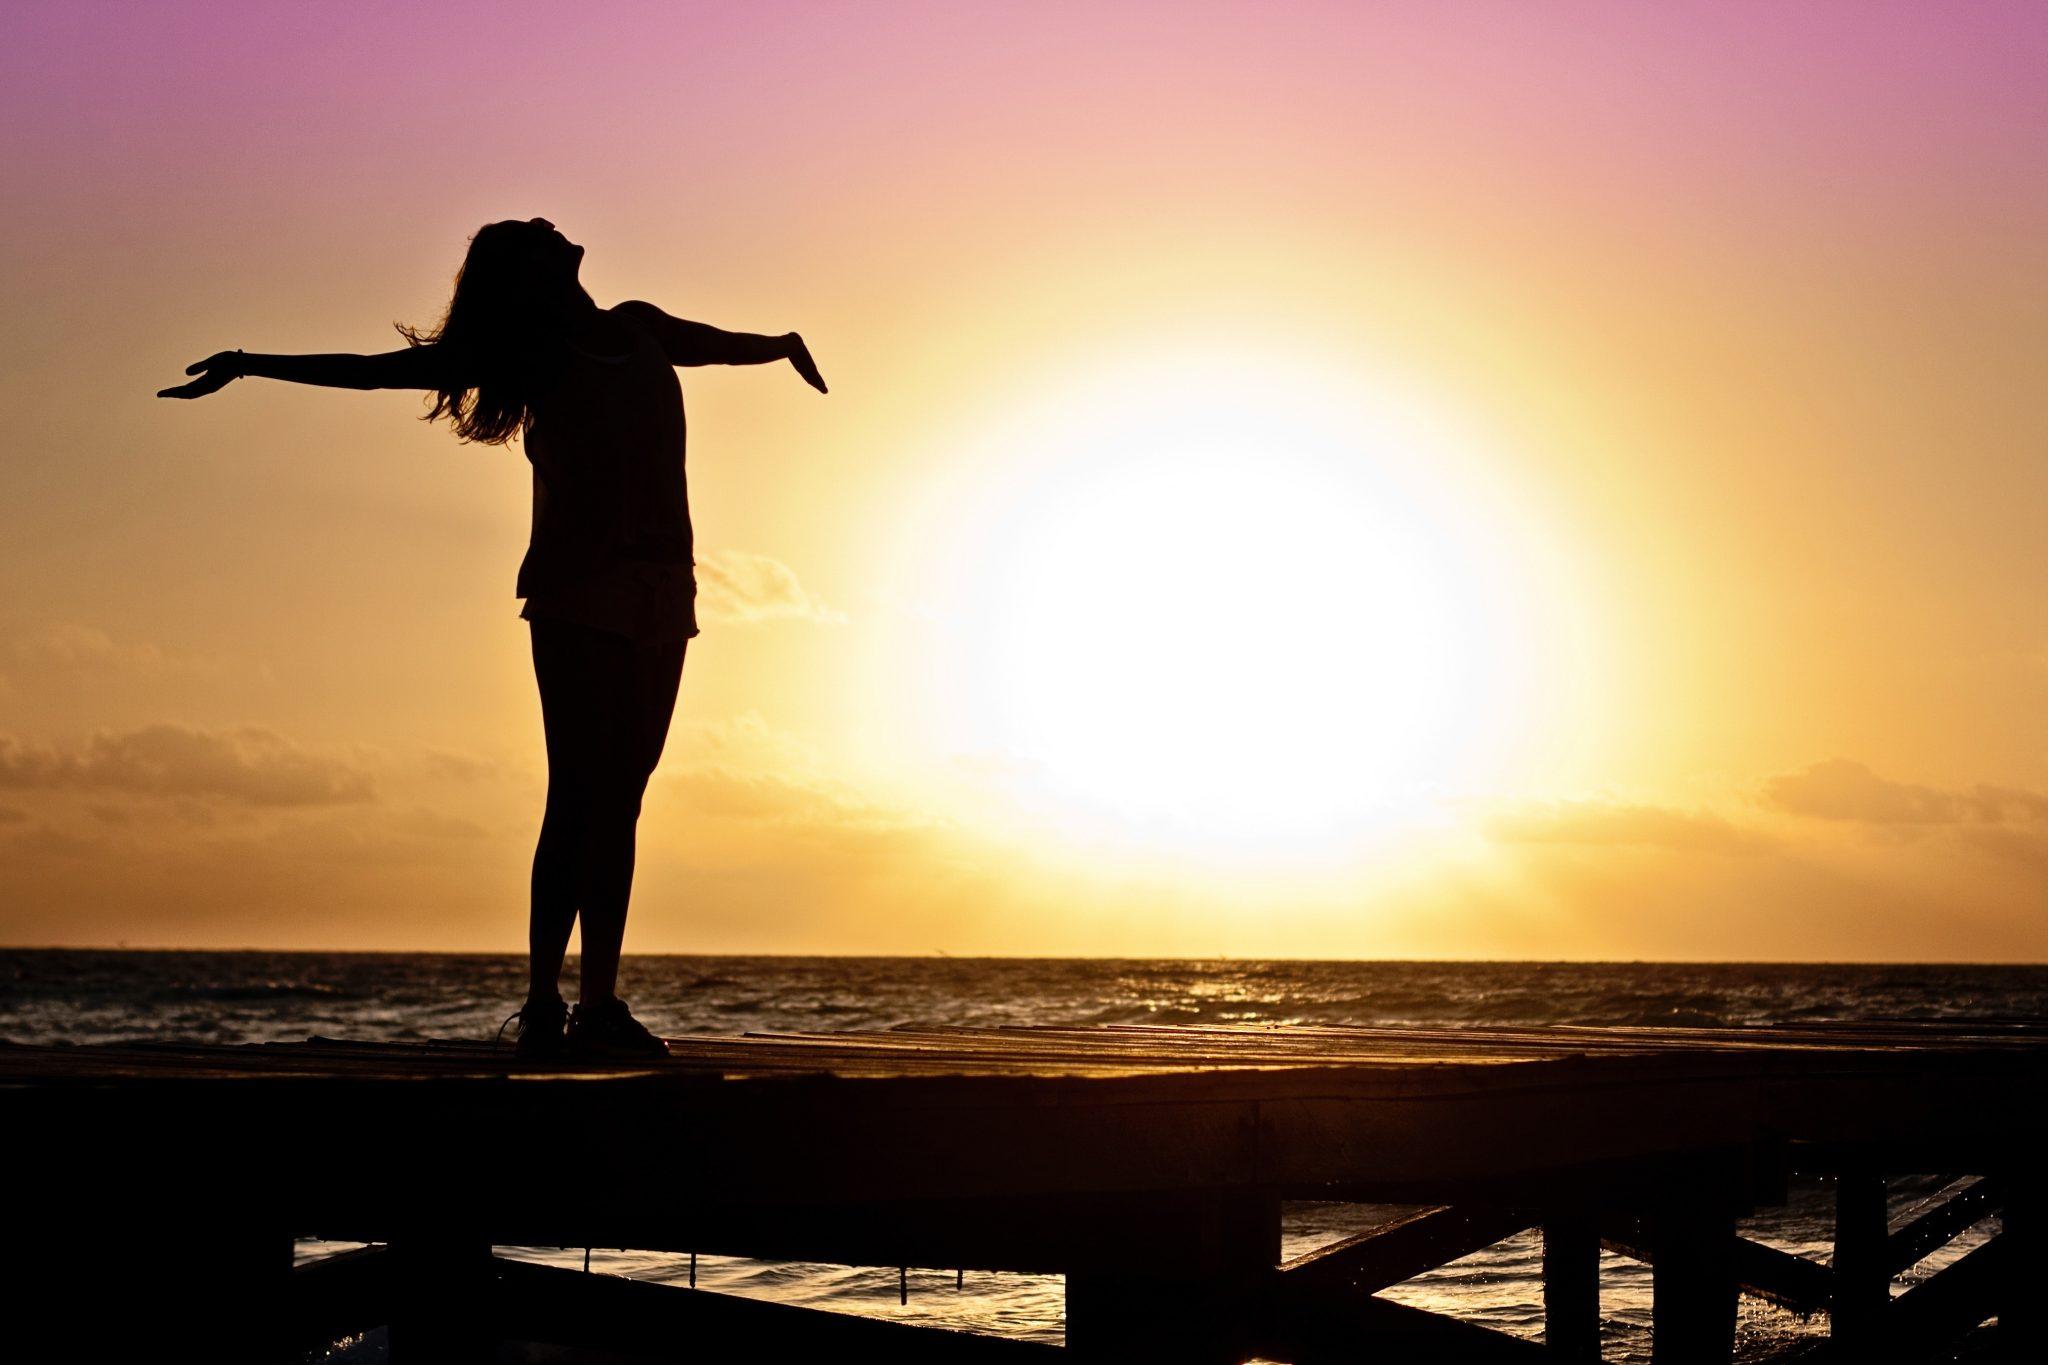 happy woman breathing in sunset glow